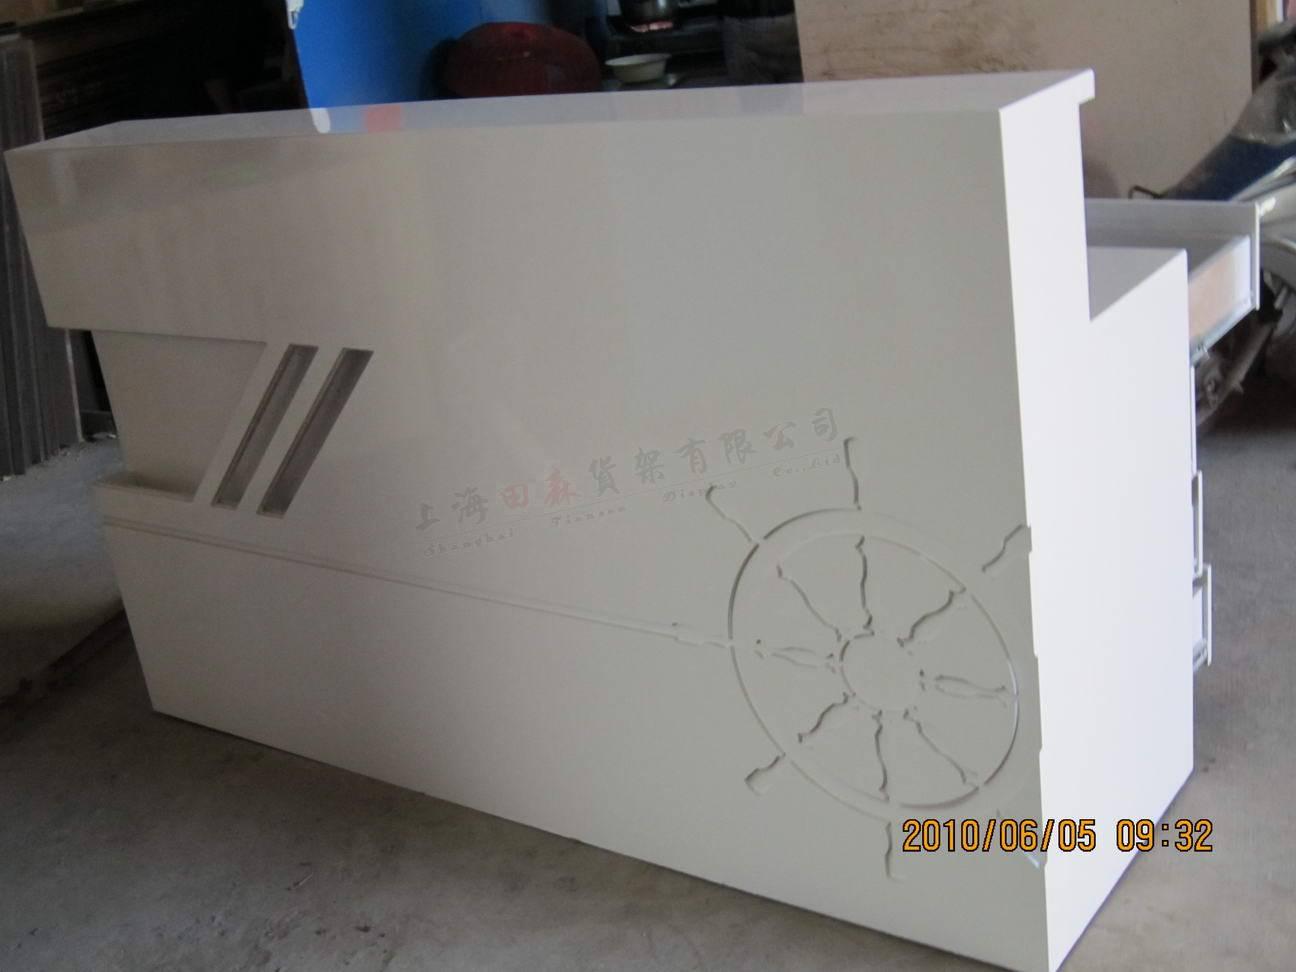 名称:烤漆收银台    材质:木质(高密度板)